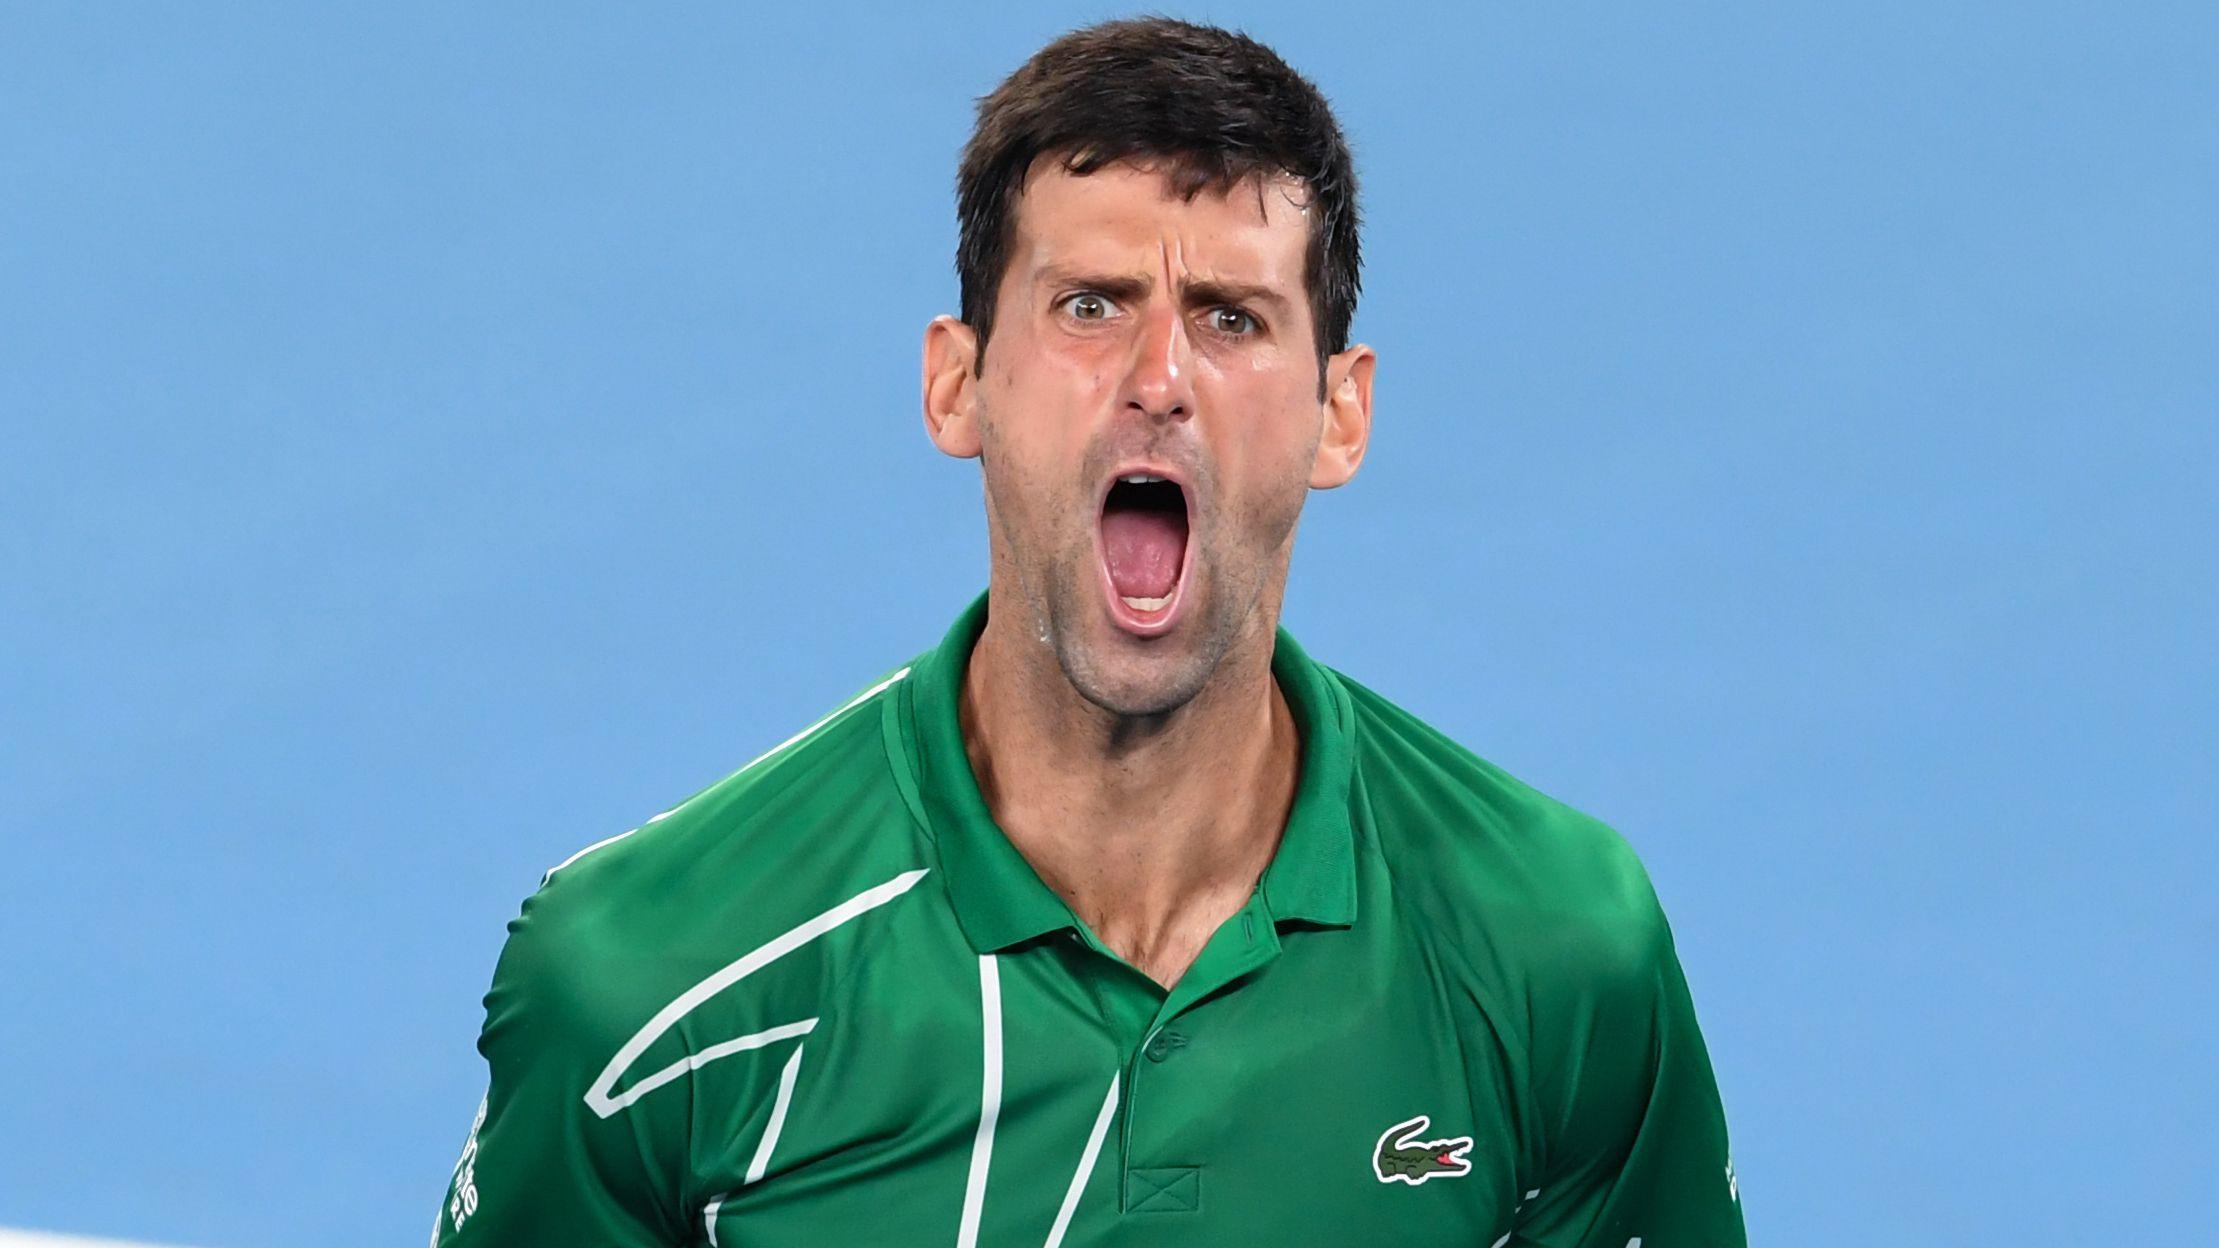 Novak Djokovic Vs Roger Federer Rafael Nadal Grand Slam Title Race